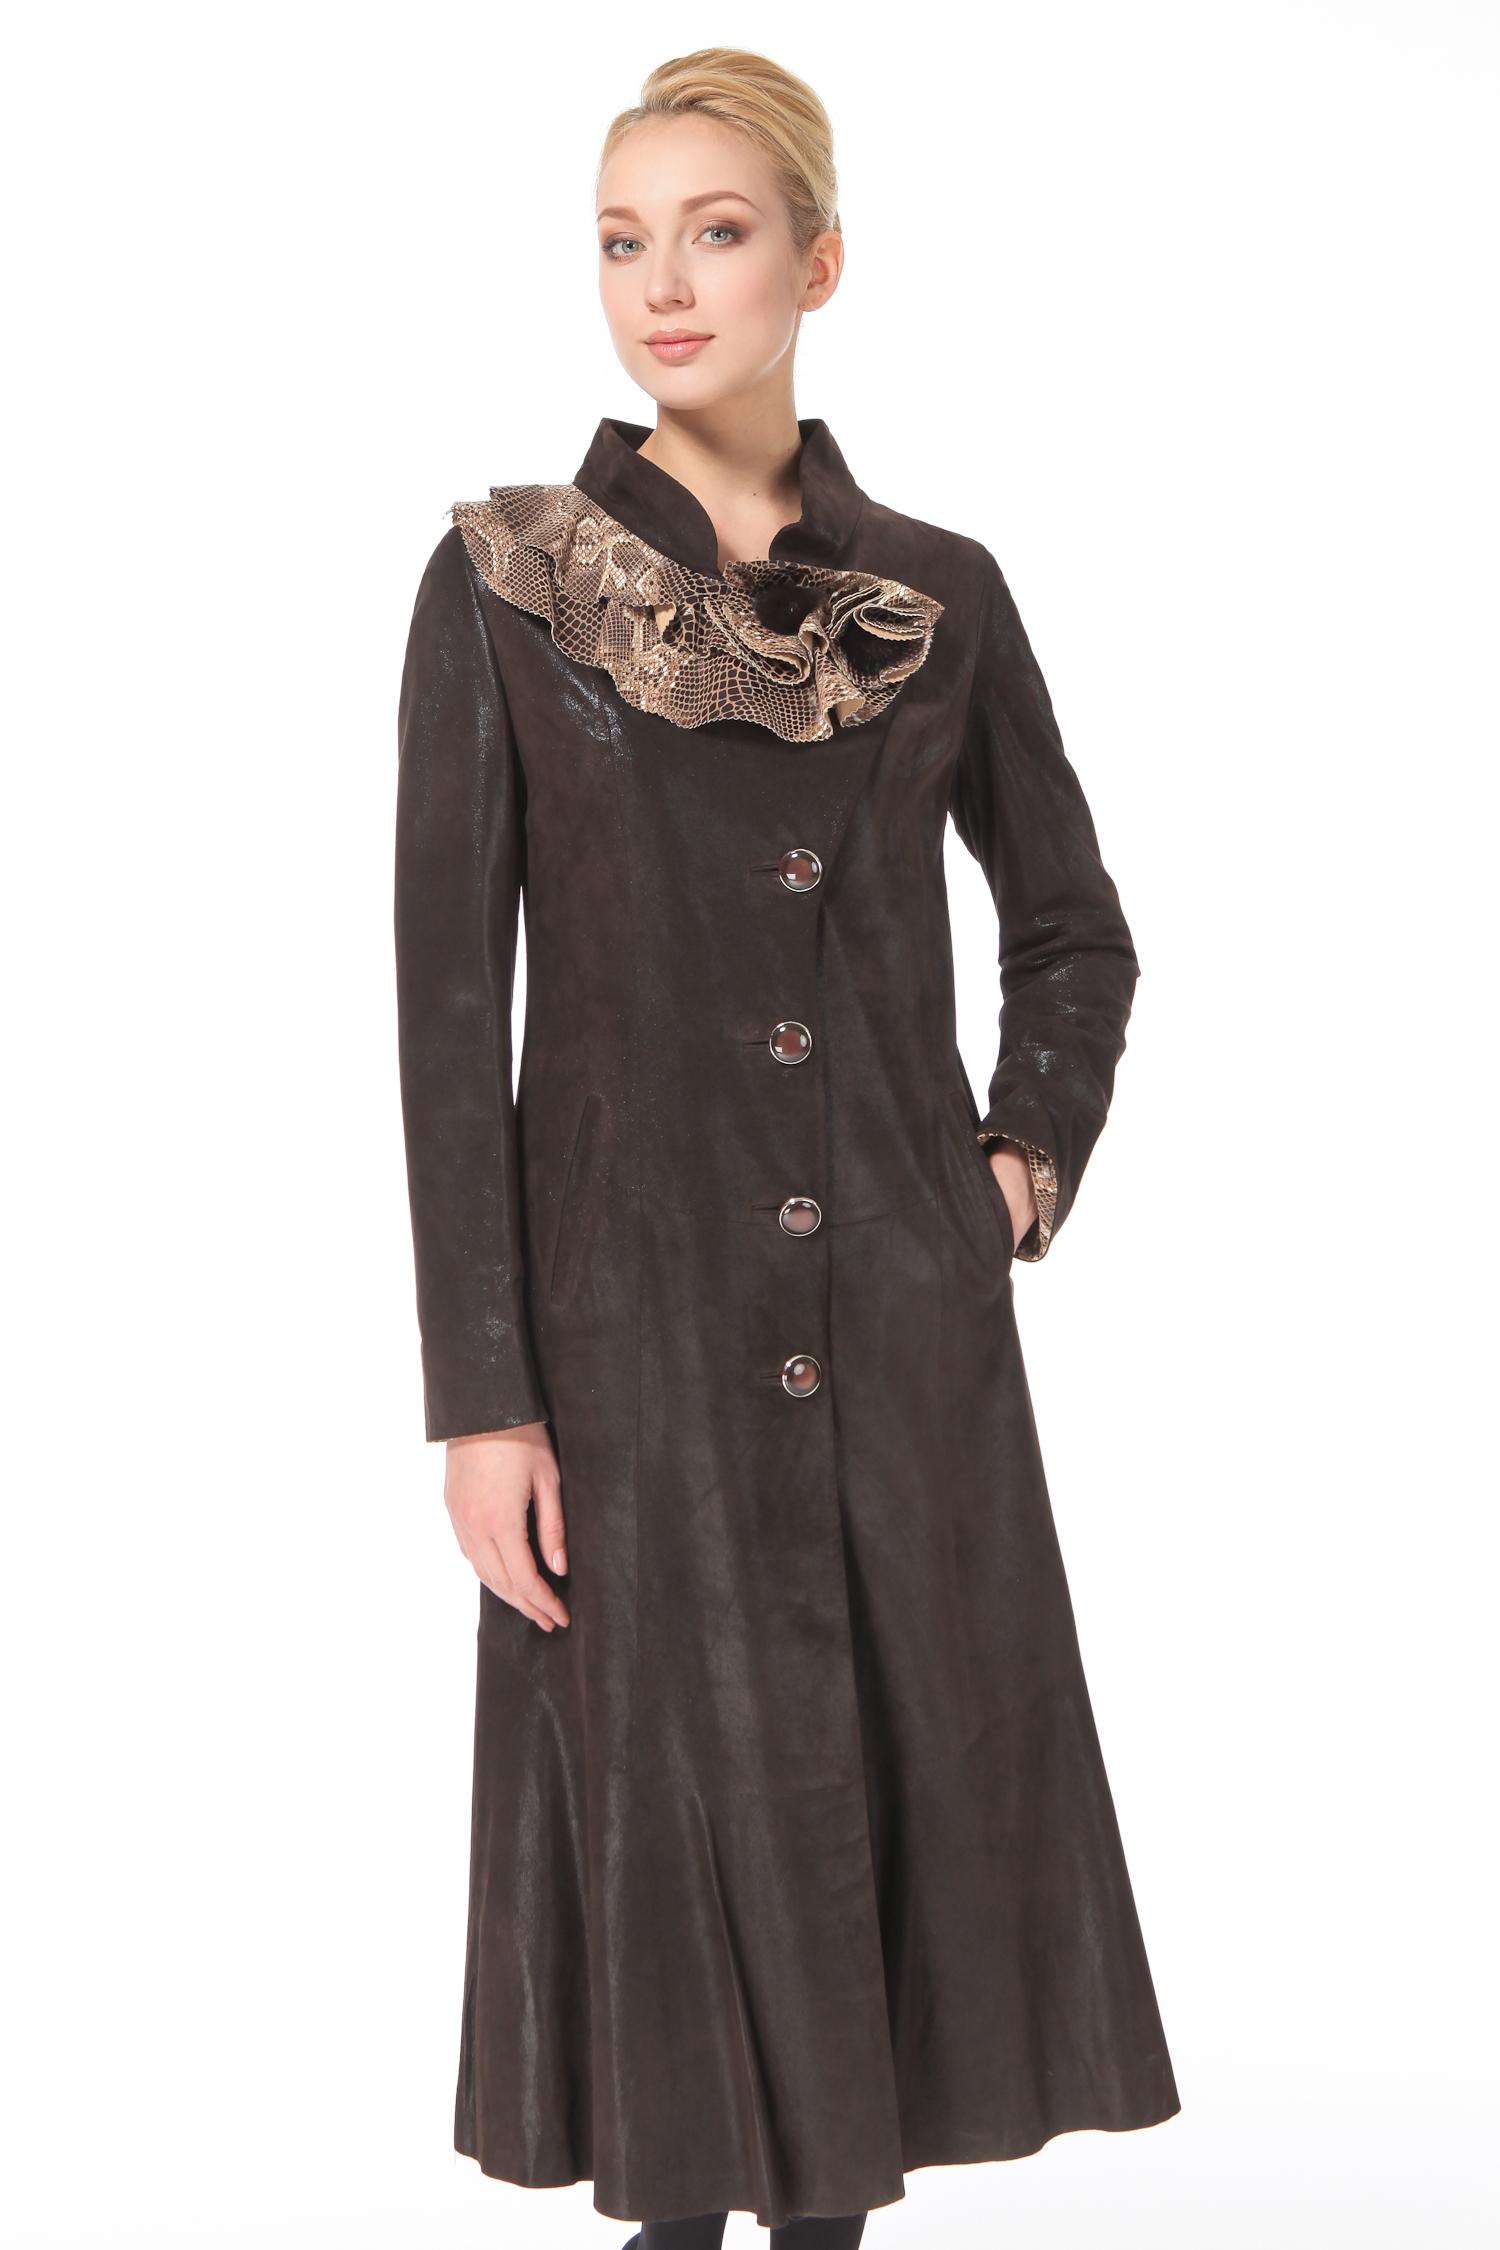 Женское кожаное пальто из натуральной замши (с накатом) с воротником, без отделки